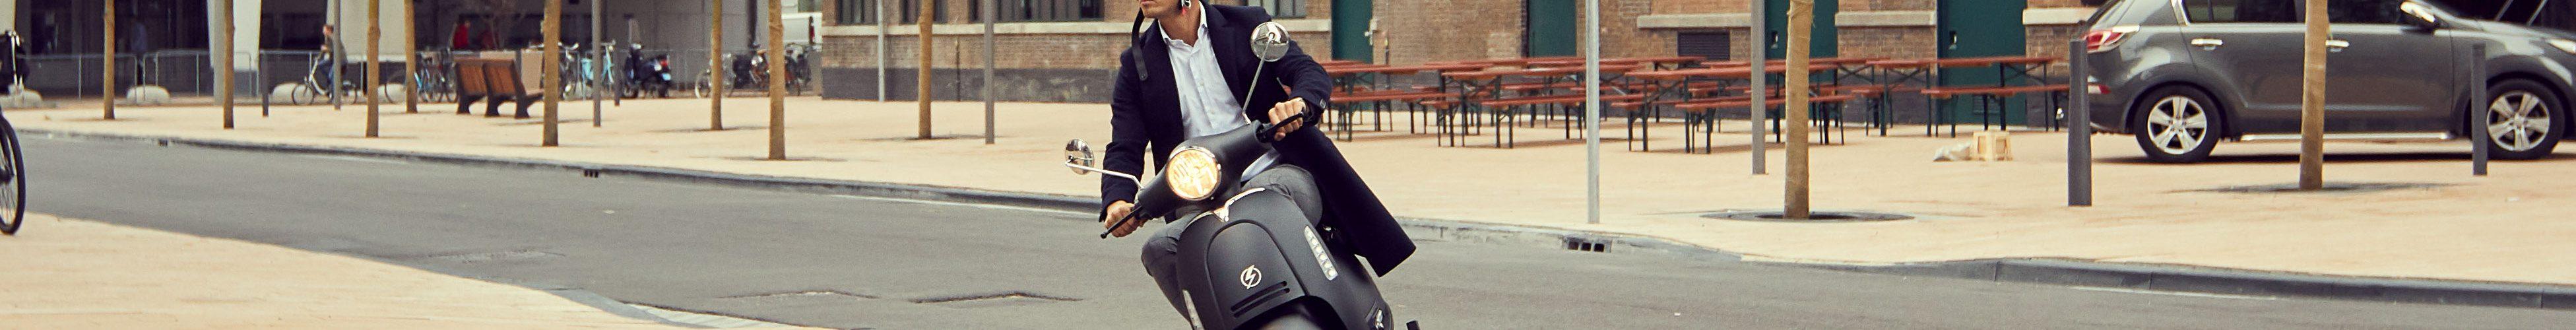 elektrische scooter stad